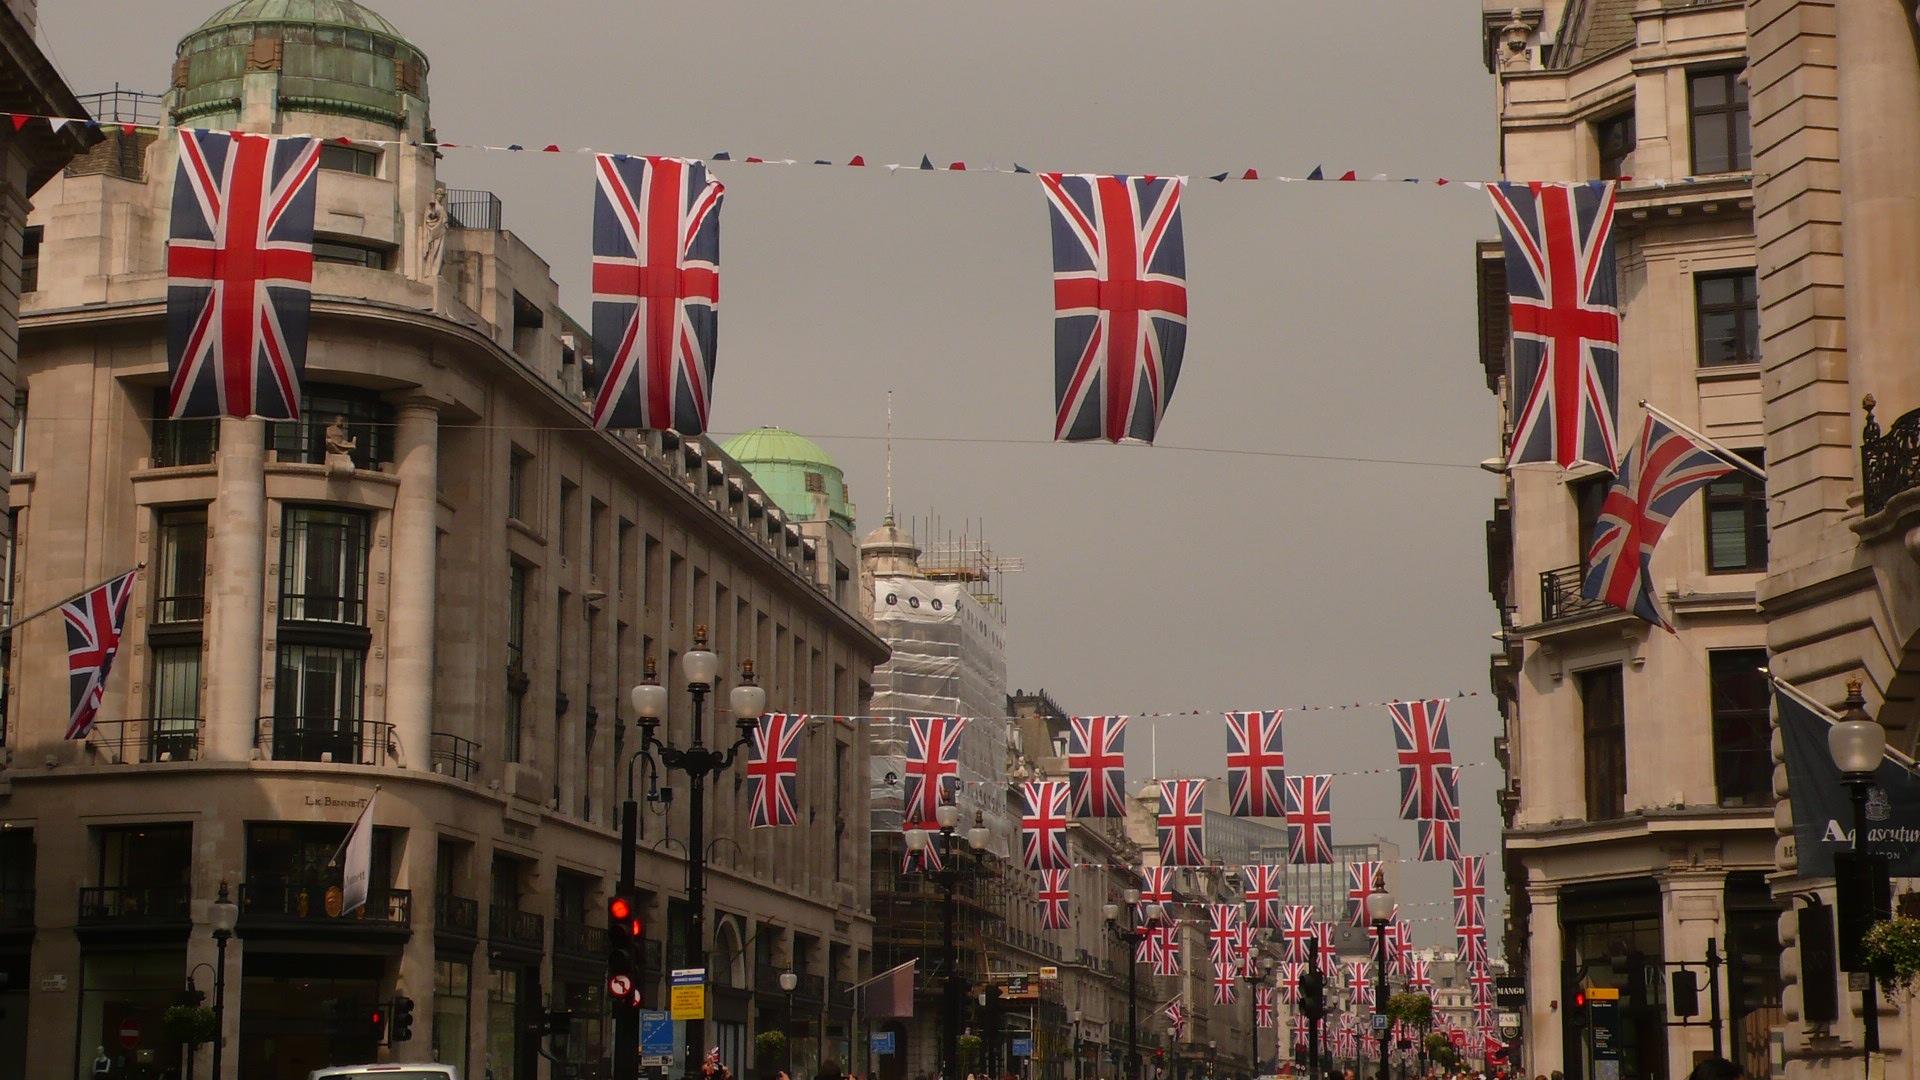 Voici un concoursintéressantchez Eurostar. Vous pouvez télécharger une photo saisissant Londres sous un angle inattendu et raconter l'histoire autour de cette image. Ils sont à la recherche de photos […]